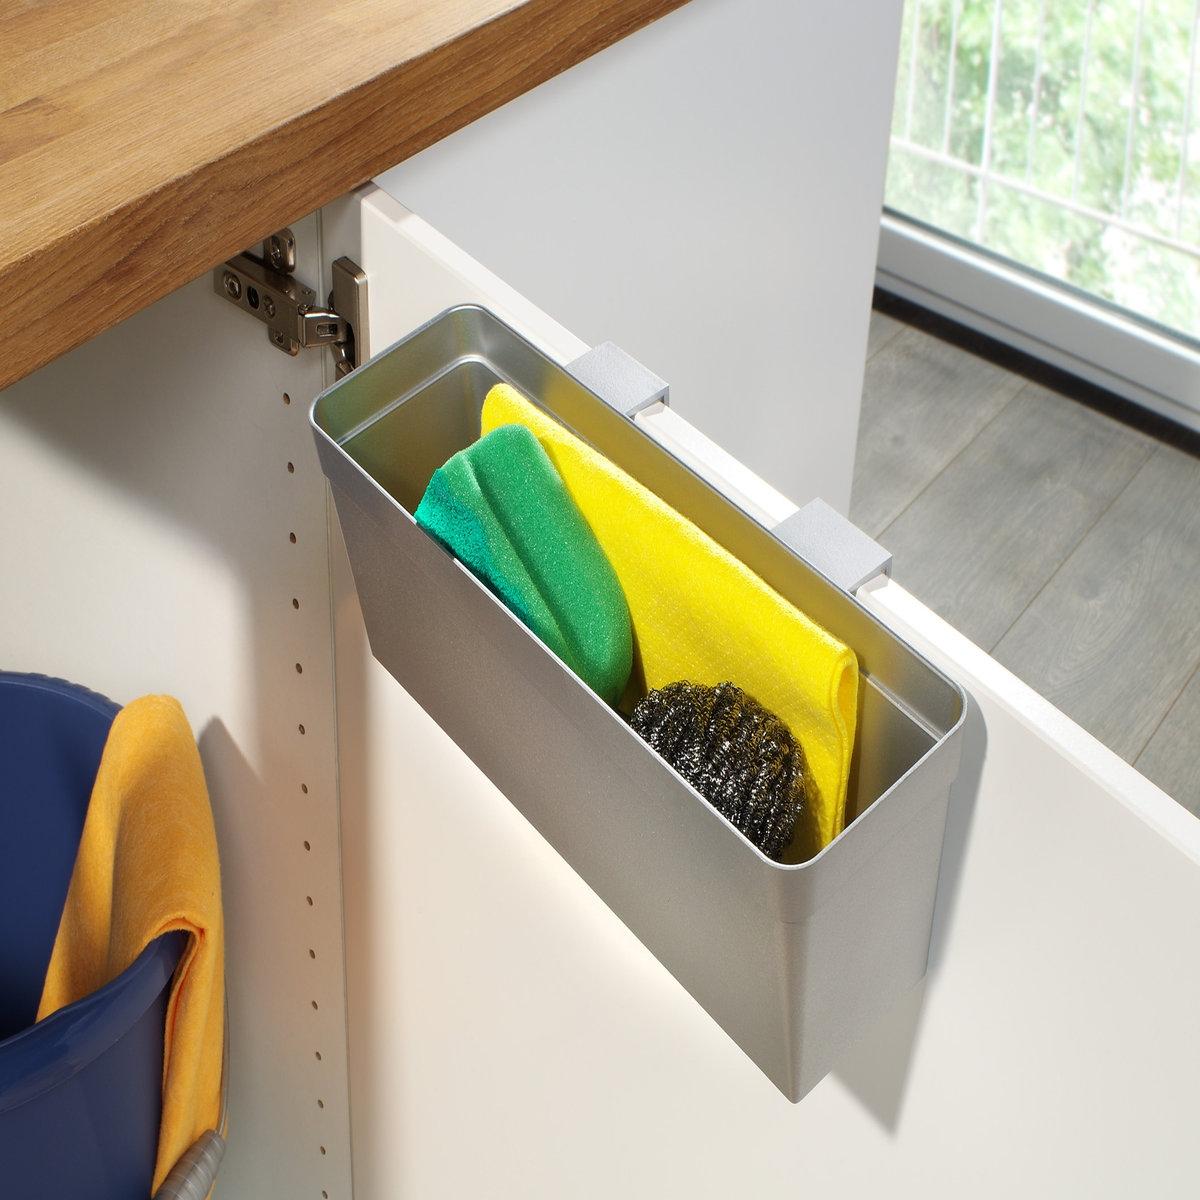 Ящик для стенного шкафа, ArmarioЧтобы оптимизировать пространство, задумайтесь о приобретении этого ящика ! Характеристики ящика для стенного шкафа Armario :Каркас и крепление из пластика .Крепится поверх дверки стенного шкафа внутри .Идеален для хранения тряпок, губок и других аксессуаров !Найдите коллекцию для хранения вещей на нашем сайте..Размеры ящика  Armario:30 x 10 x 11,5 см (для дверей шириной до 2 см).0,2 кг .<br><br>Цвет: серый